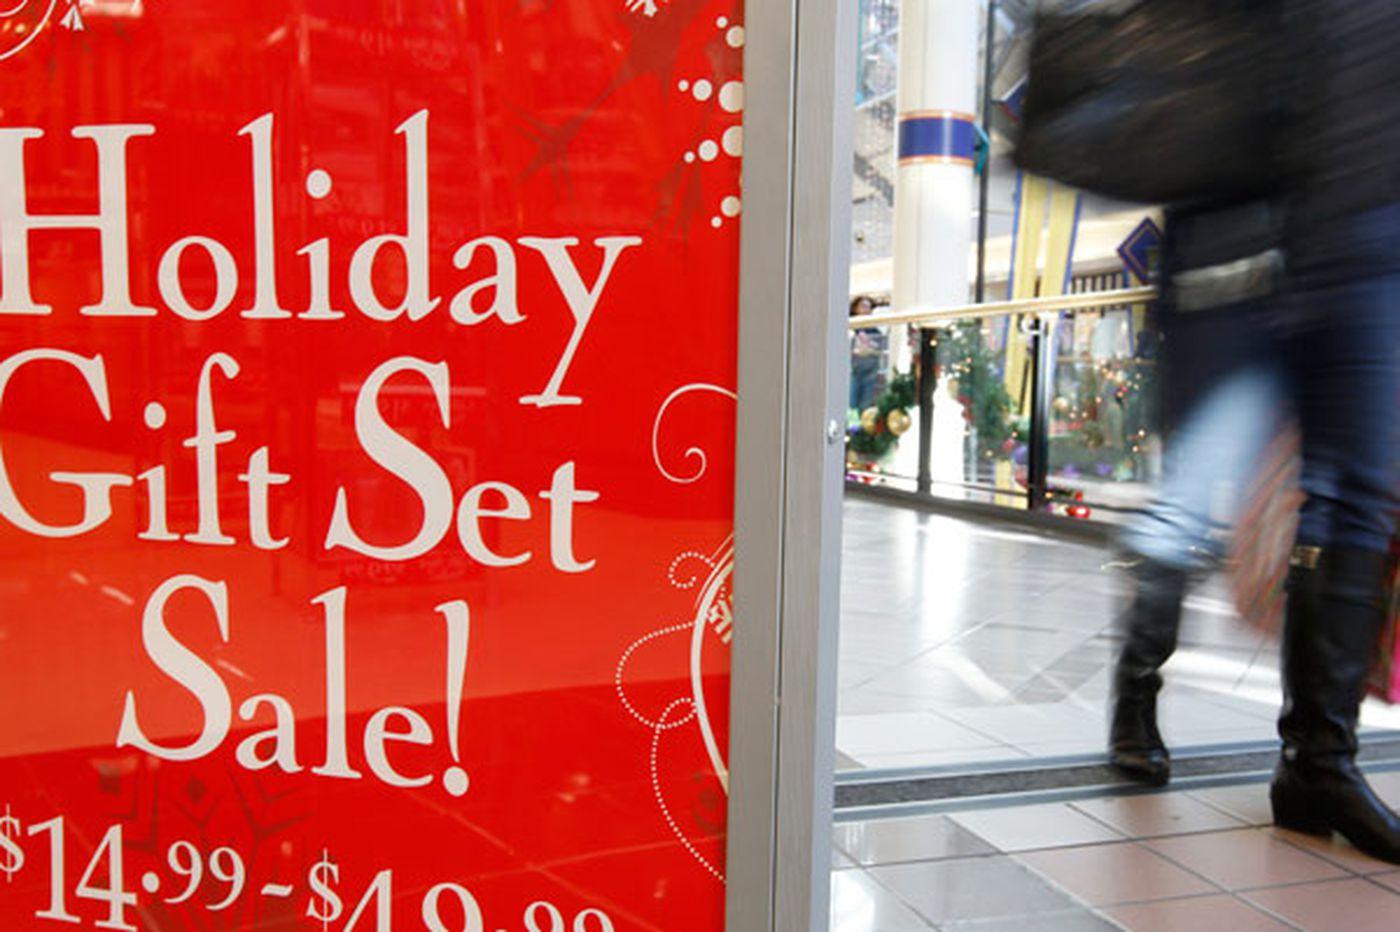 Shoppers spend less, hunt deals